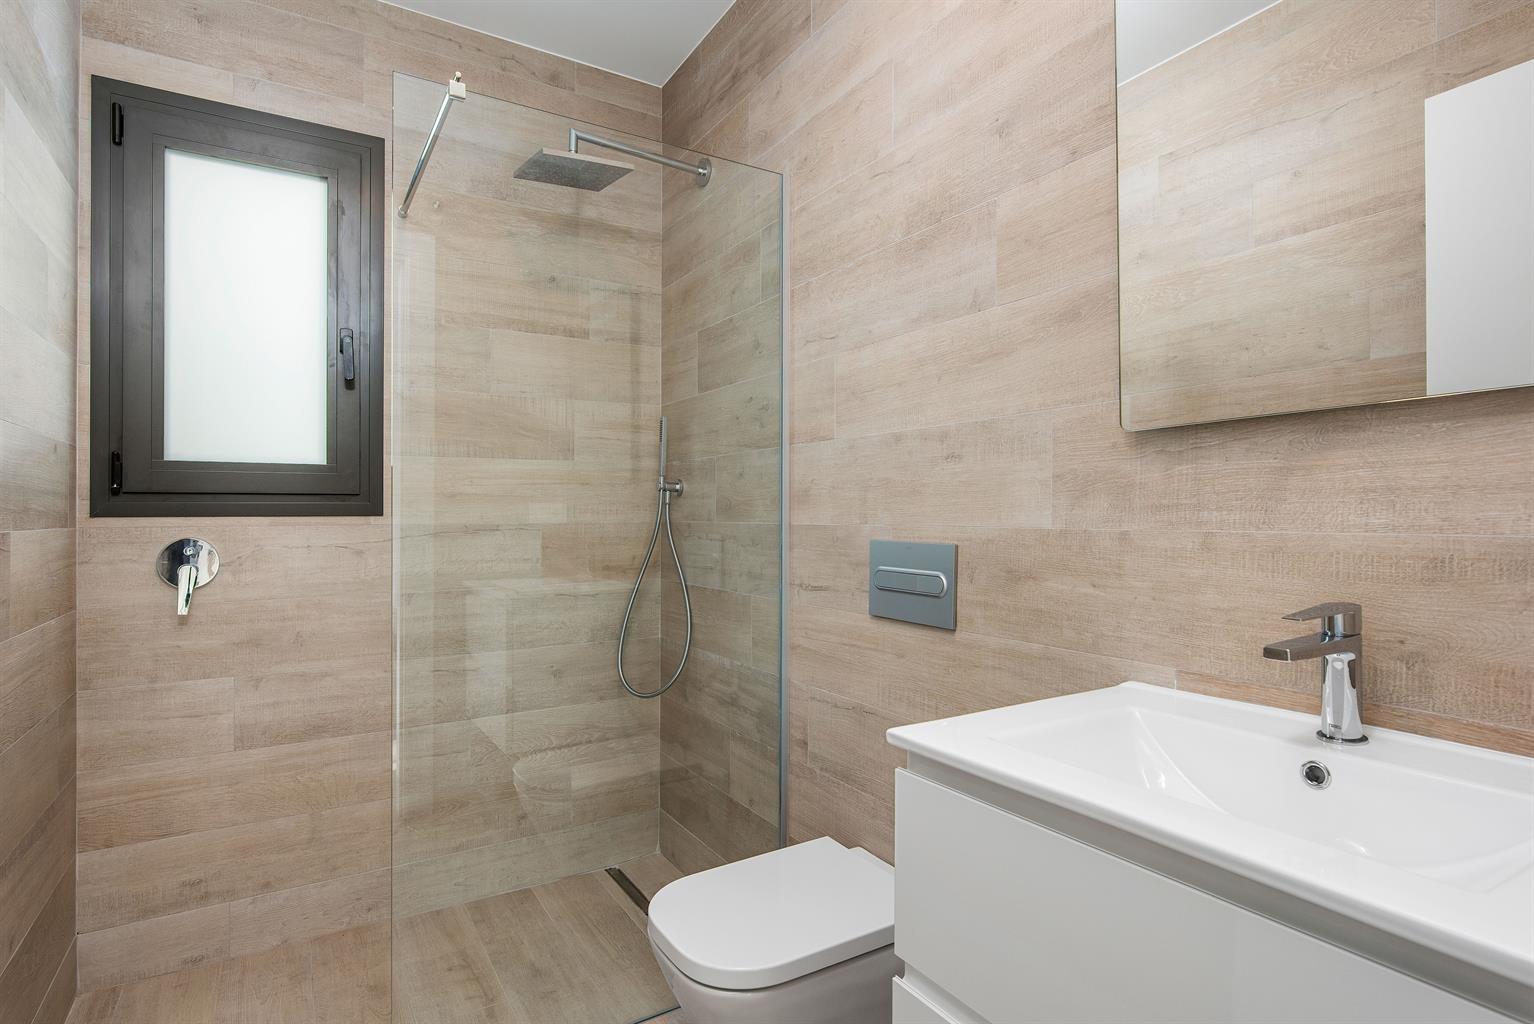 Maison - Pilar De La Horadada - #4227940-4